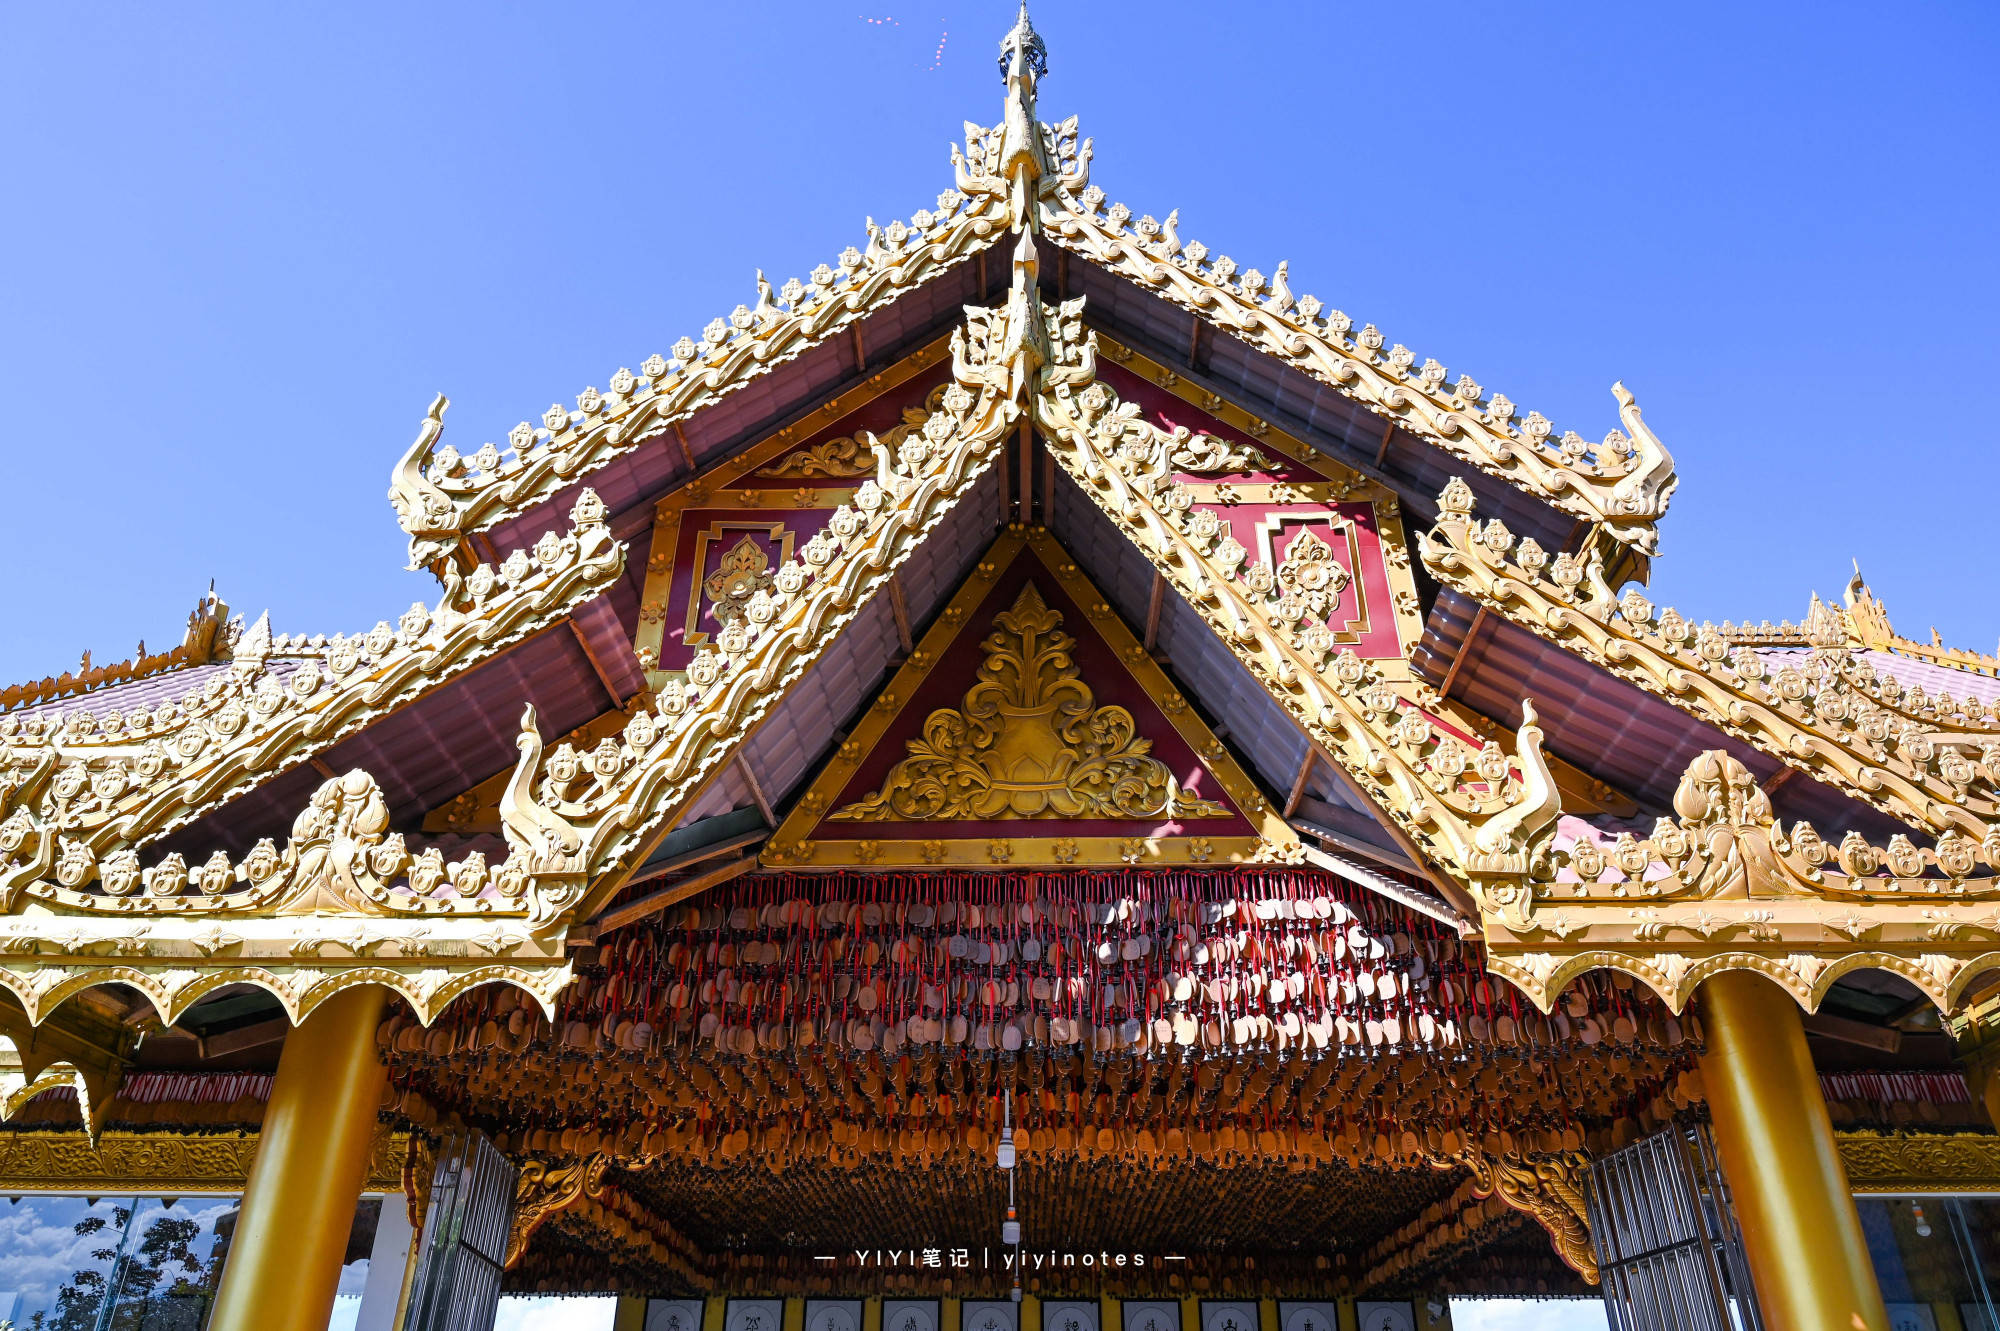 云南必打卡的勐焕大金塔,景区内仿佛小型热带植物园,假装在泰国